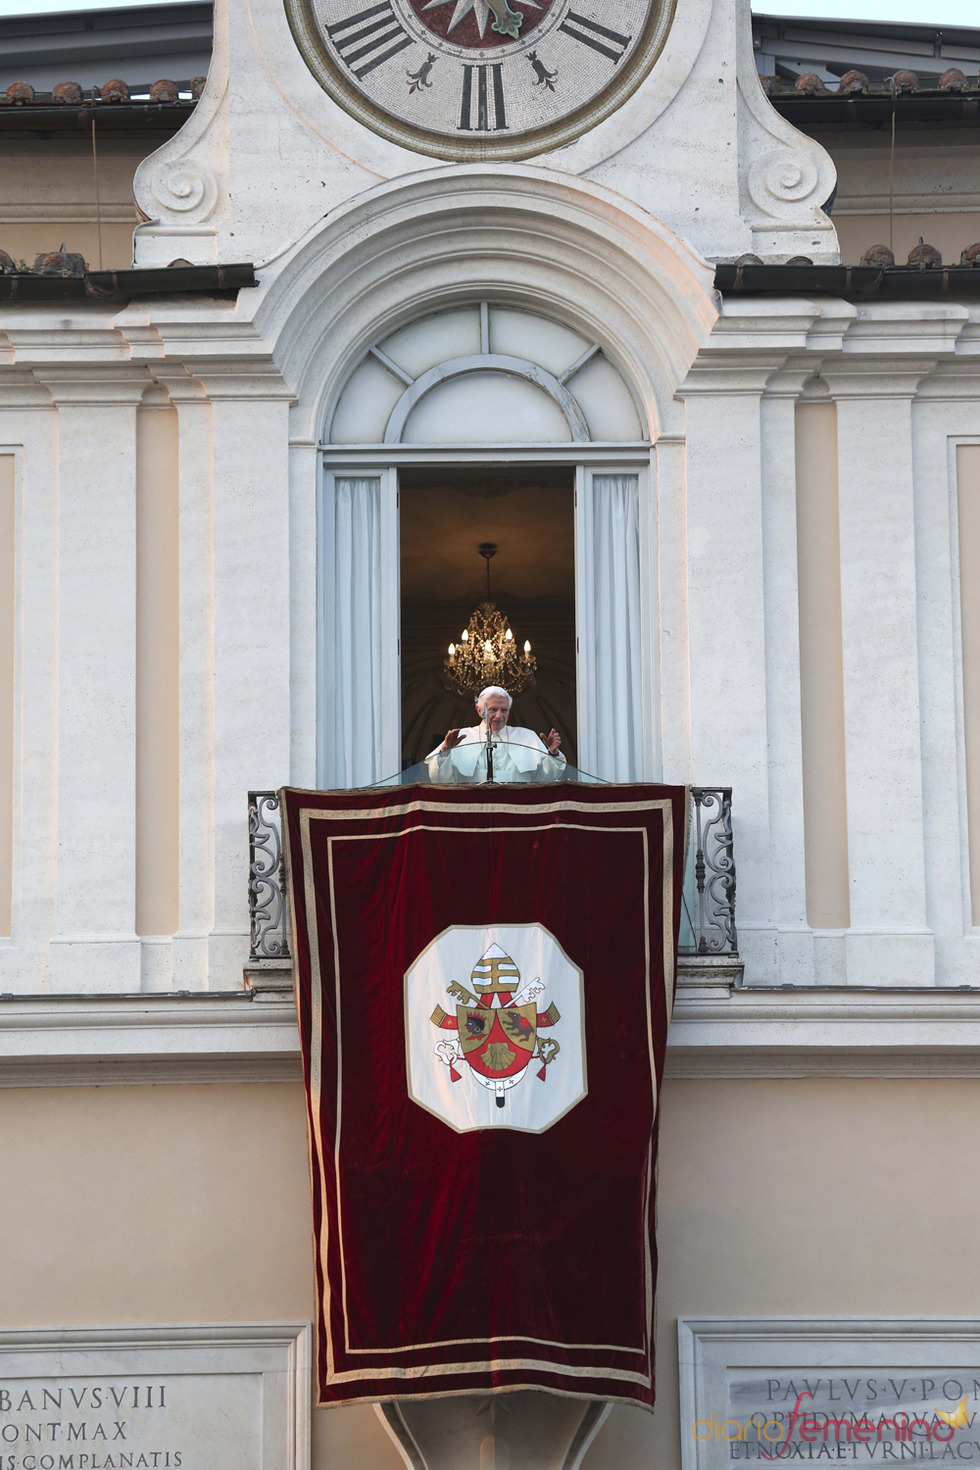 Benedicto XVI saluda desde su nueva residencia, Castel Gandolfo